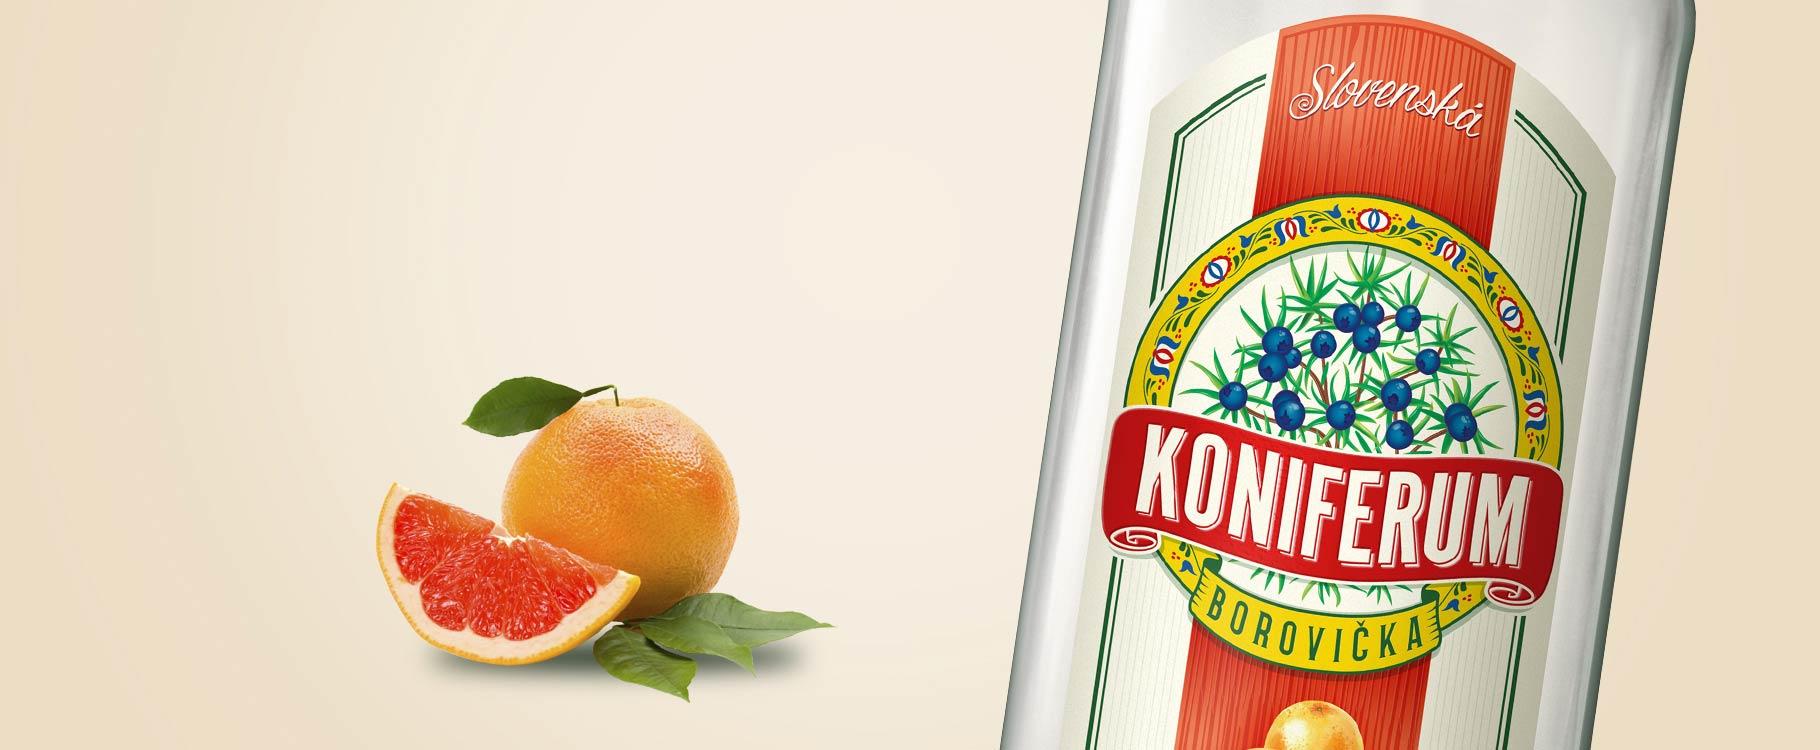 Koniferum borovička s grapefruitom